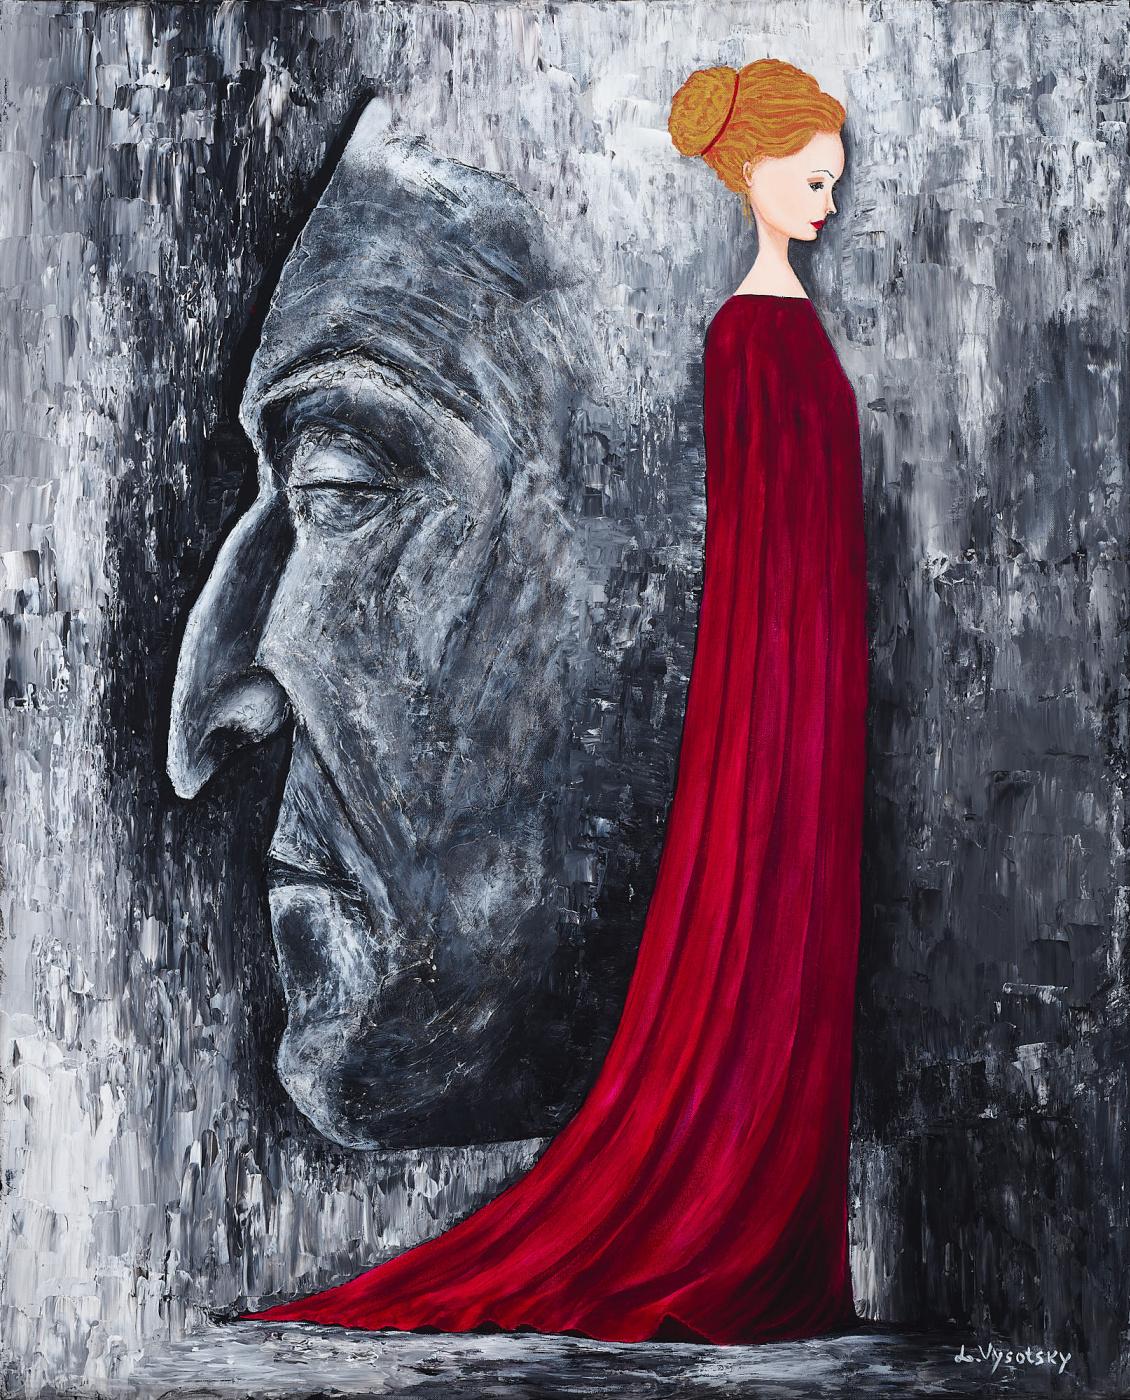 Leda Vysotsky. Beatrice